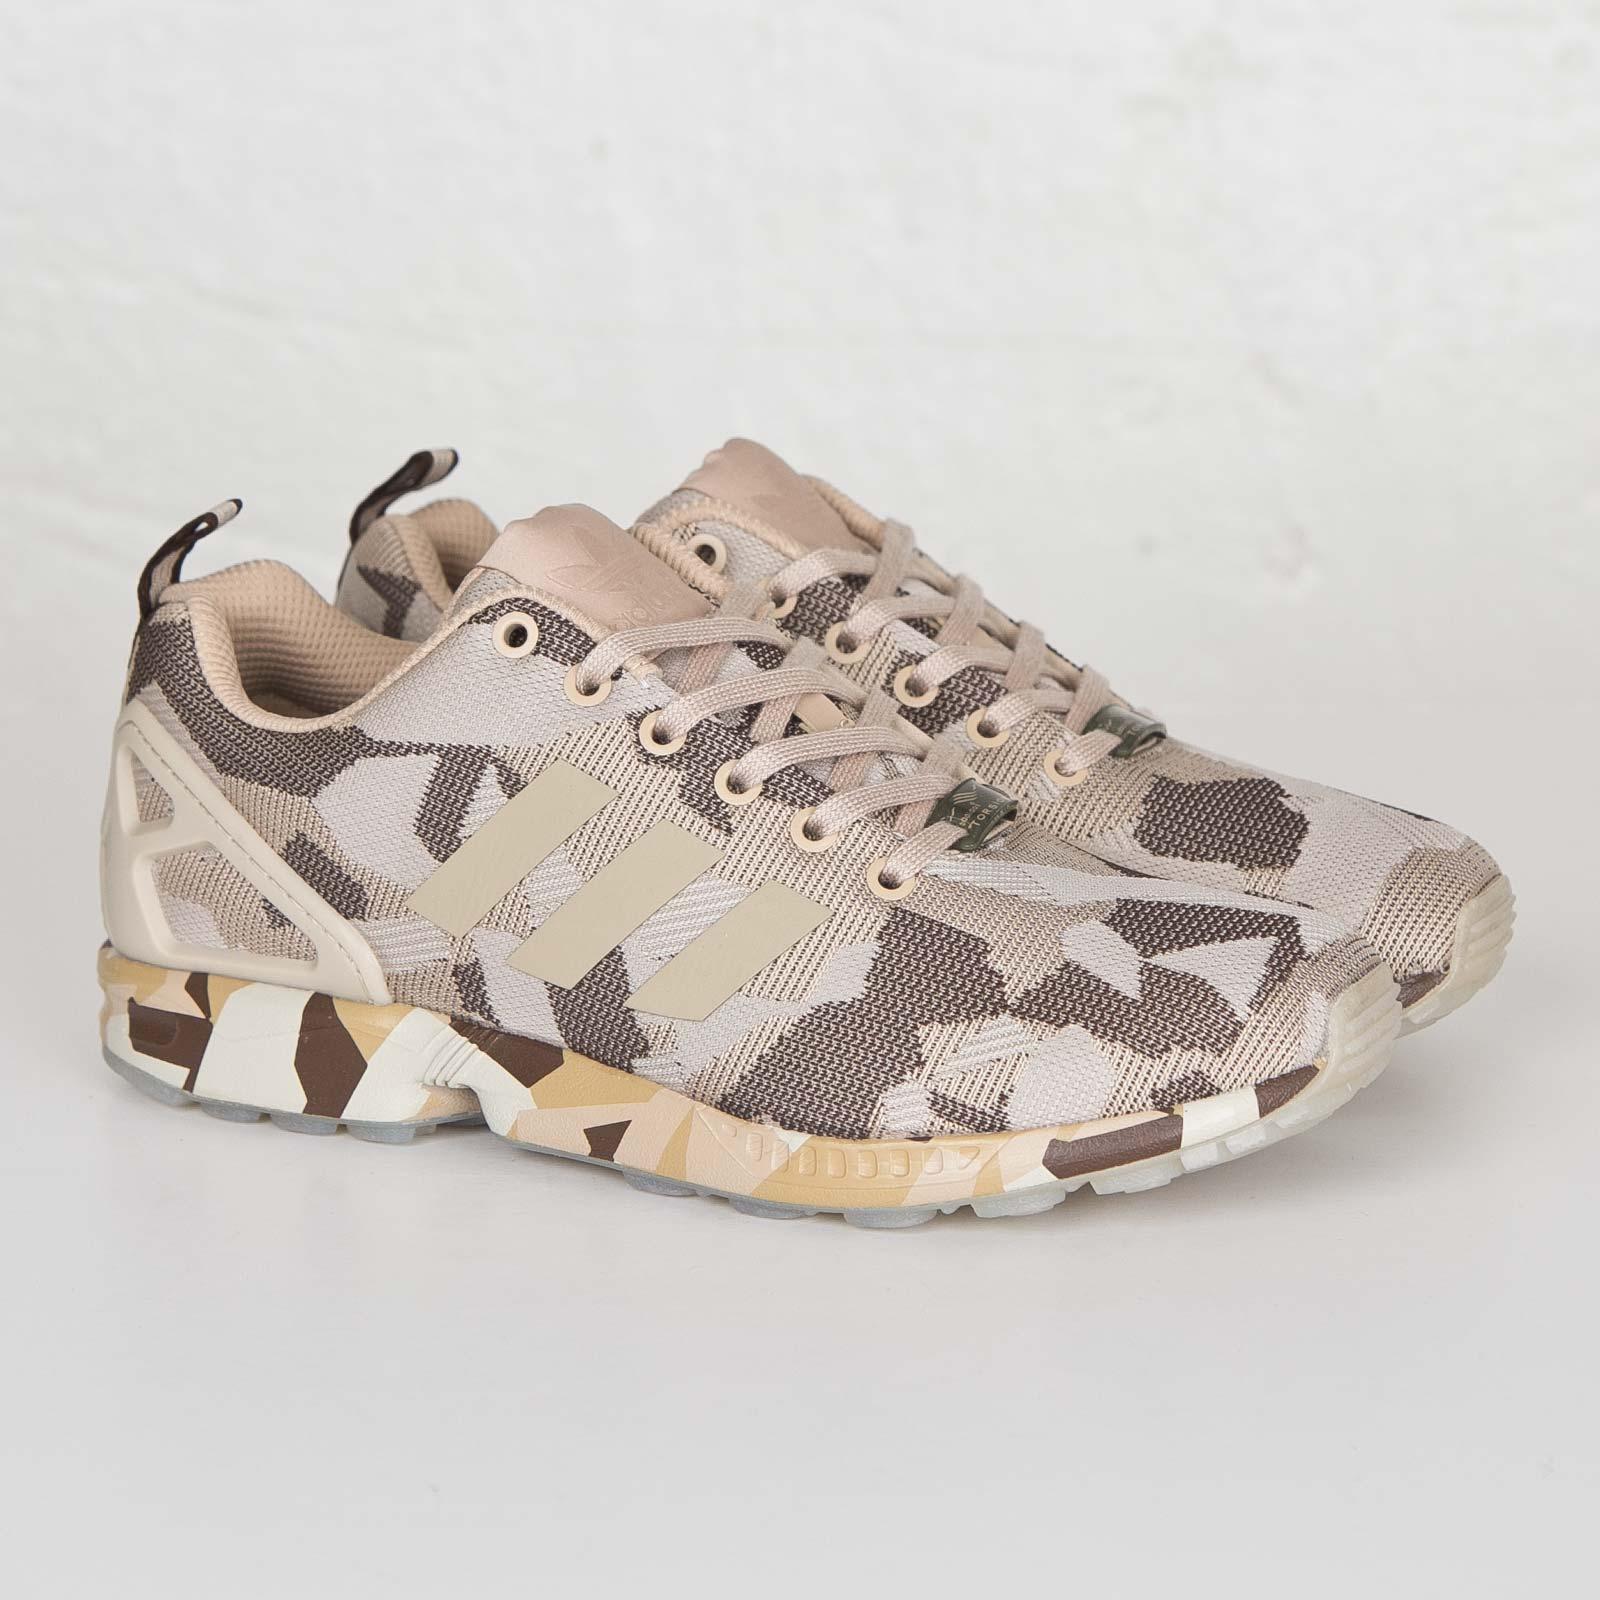 570dd020e1ae7 adidas ZX Flux - Af6308 - Sneakersnstuff | sneakers & streetwear ...